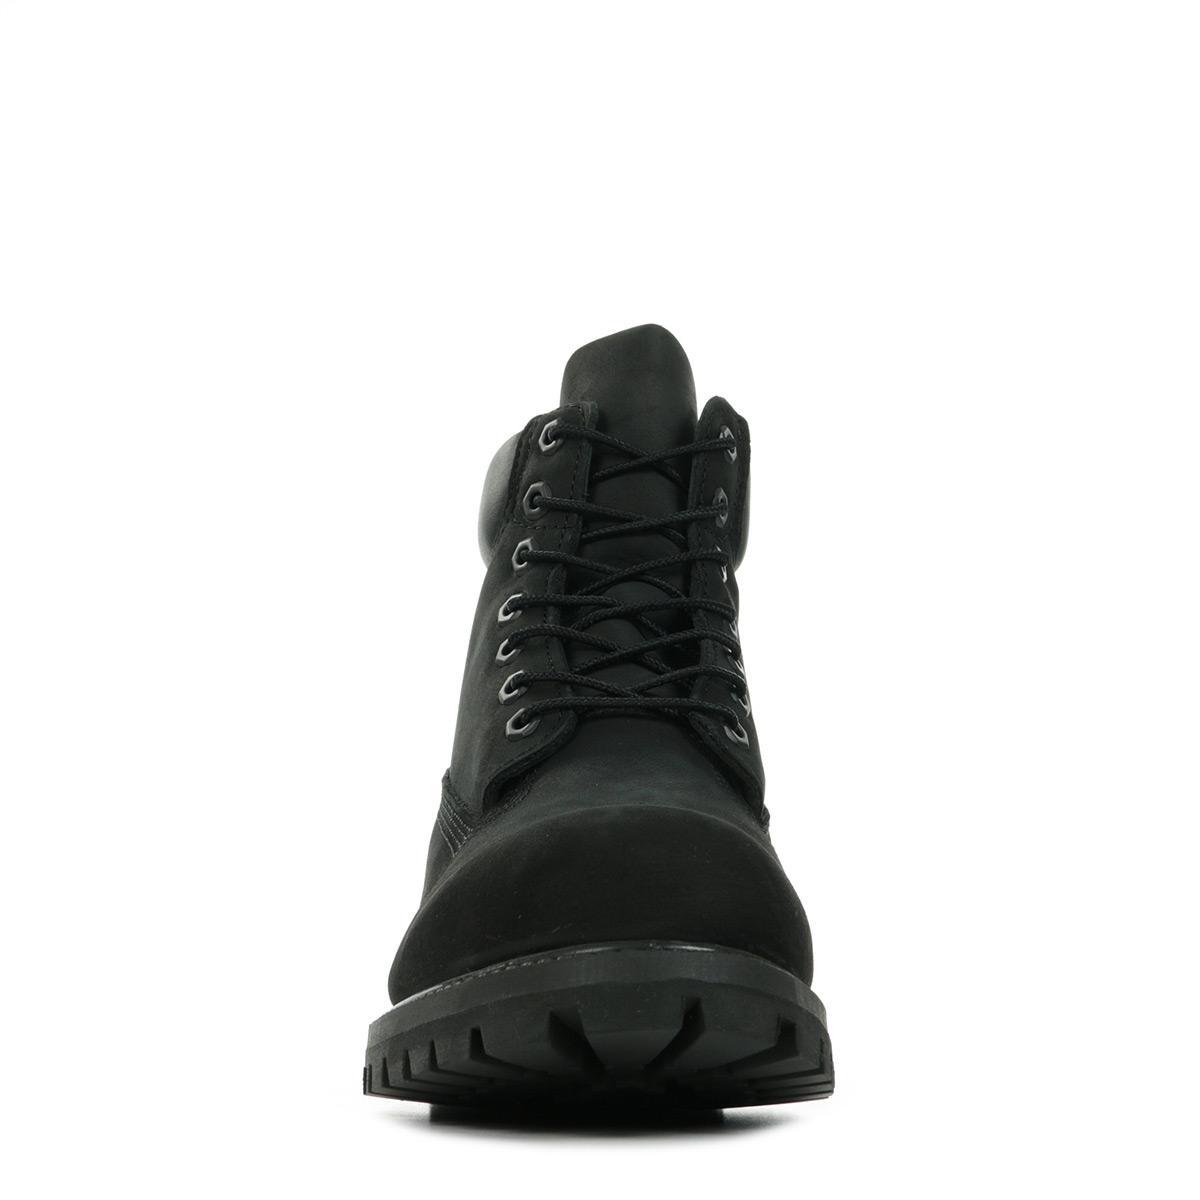 Timberland AF 6 In Prem Black C10073, Boots homme